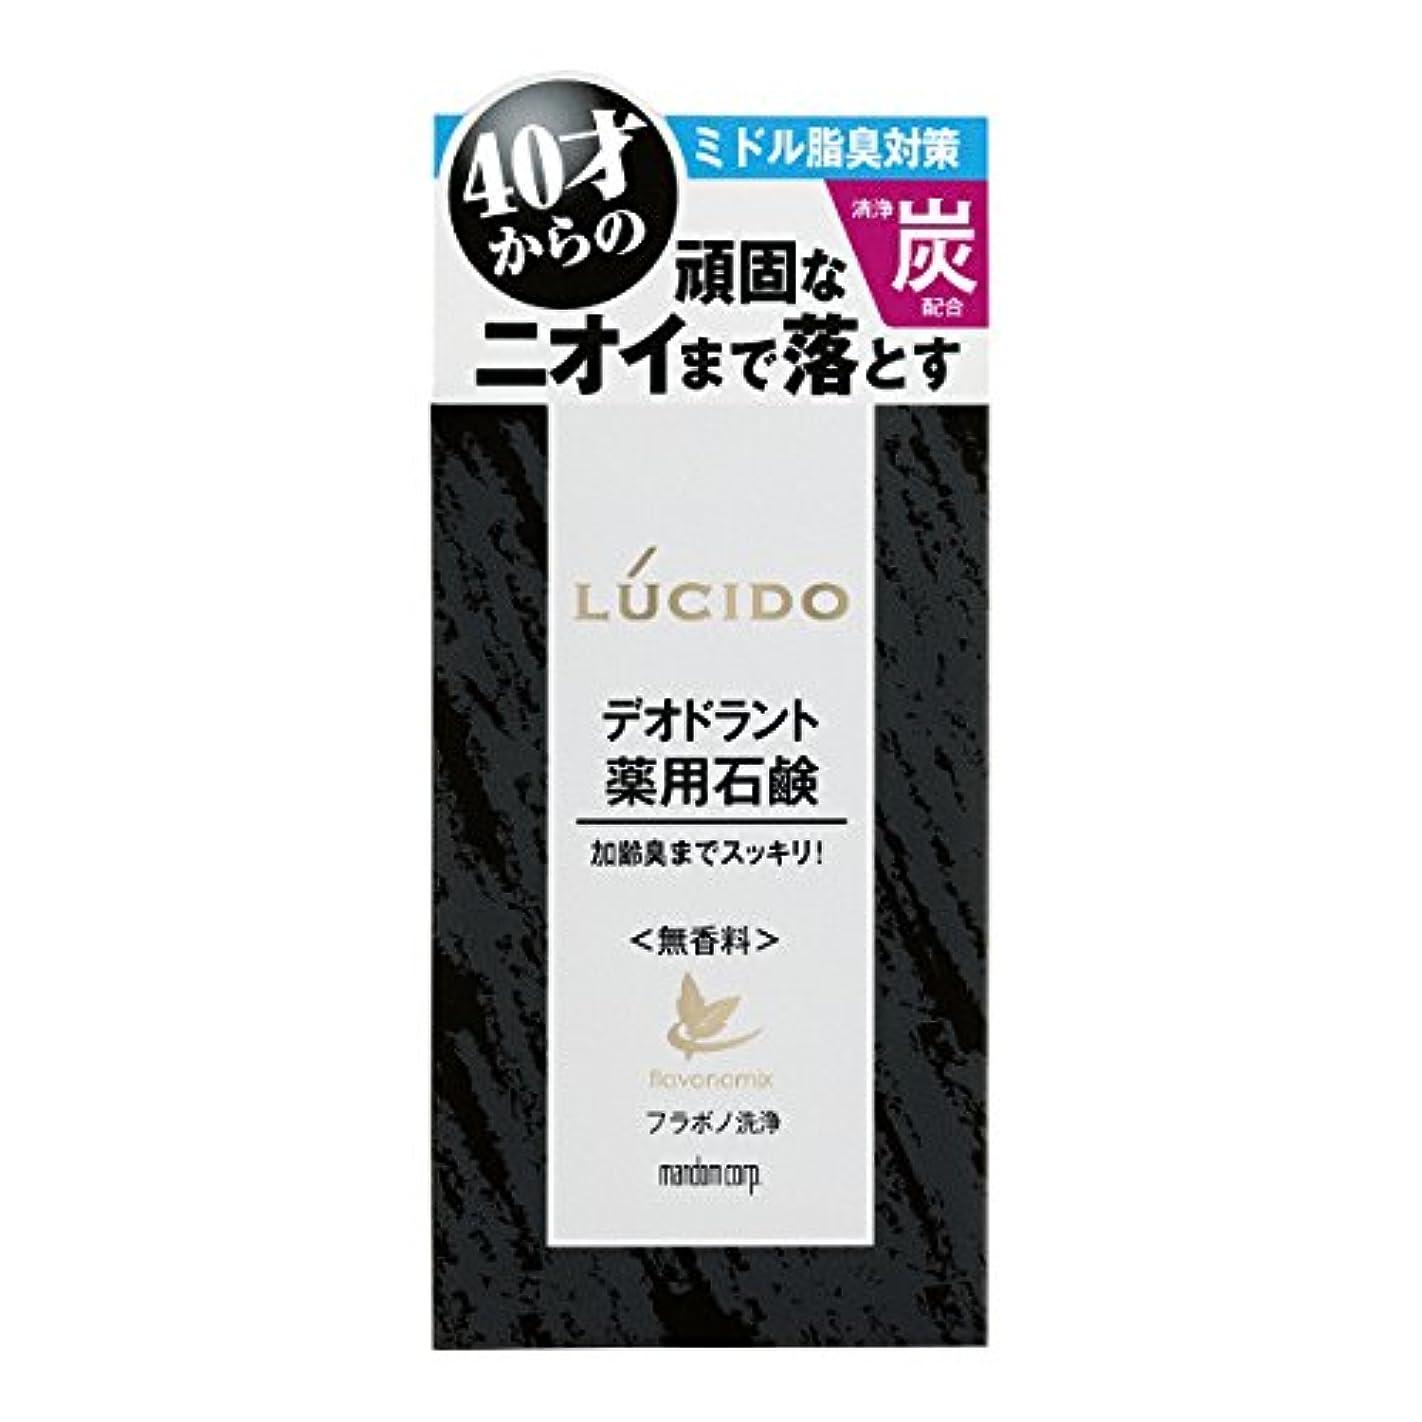 主張菊条約ルシード 薬用デオドラント石鹸 100g(医薬部外品)